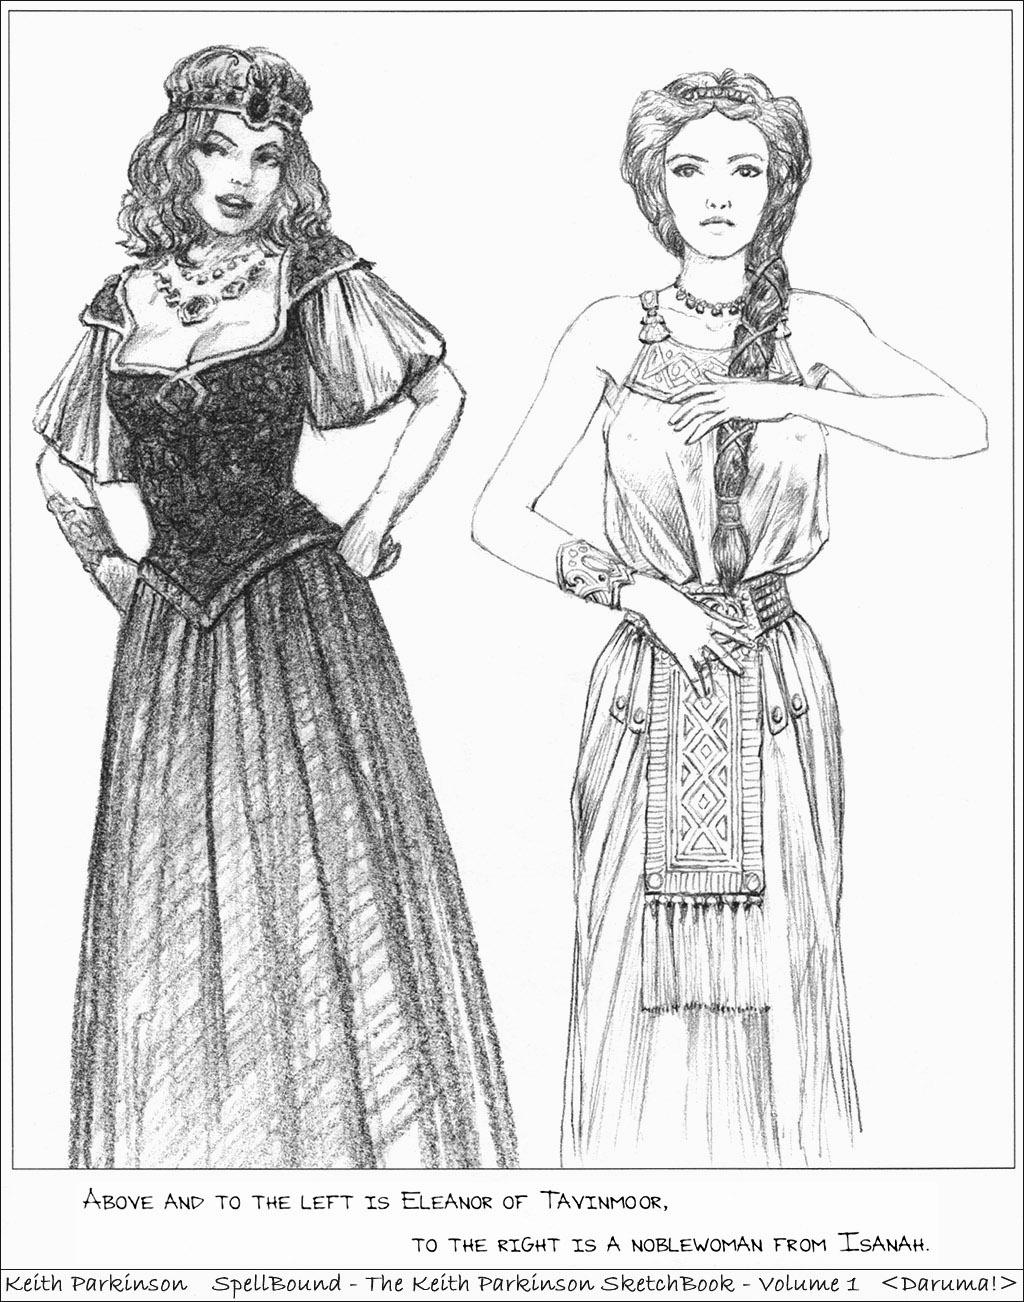 Картинка Кит Паркинсон Двое Фэнтези Девушки Рисованные платья  для мобильного телефона Keith Parkinson 2 два две вдвоем девушка Фантастика молодая женщина молодые женщины Платье